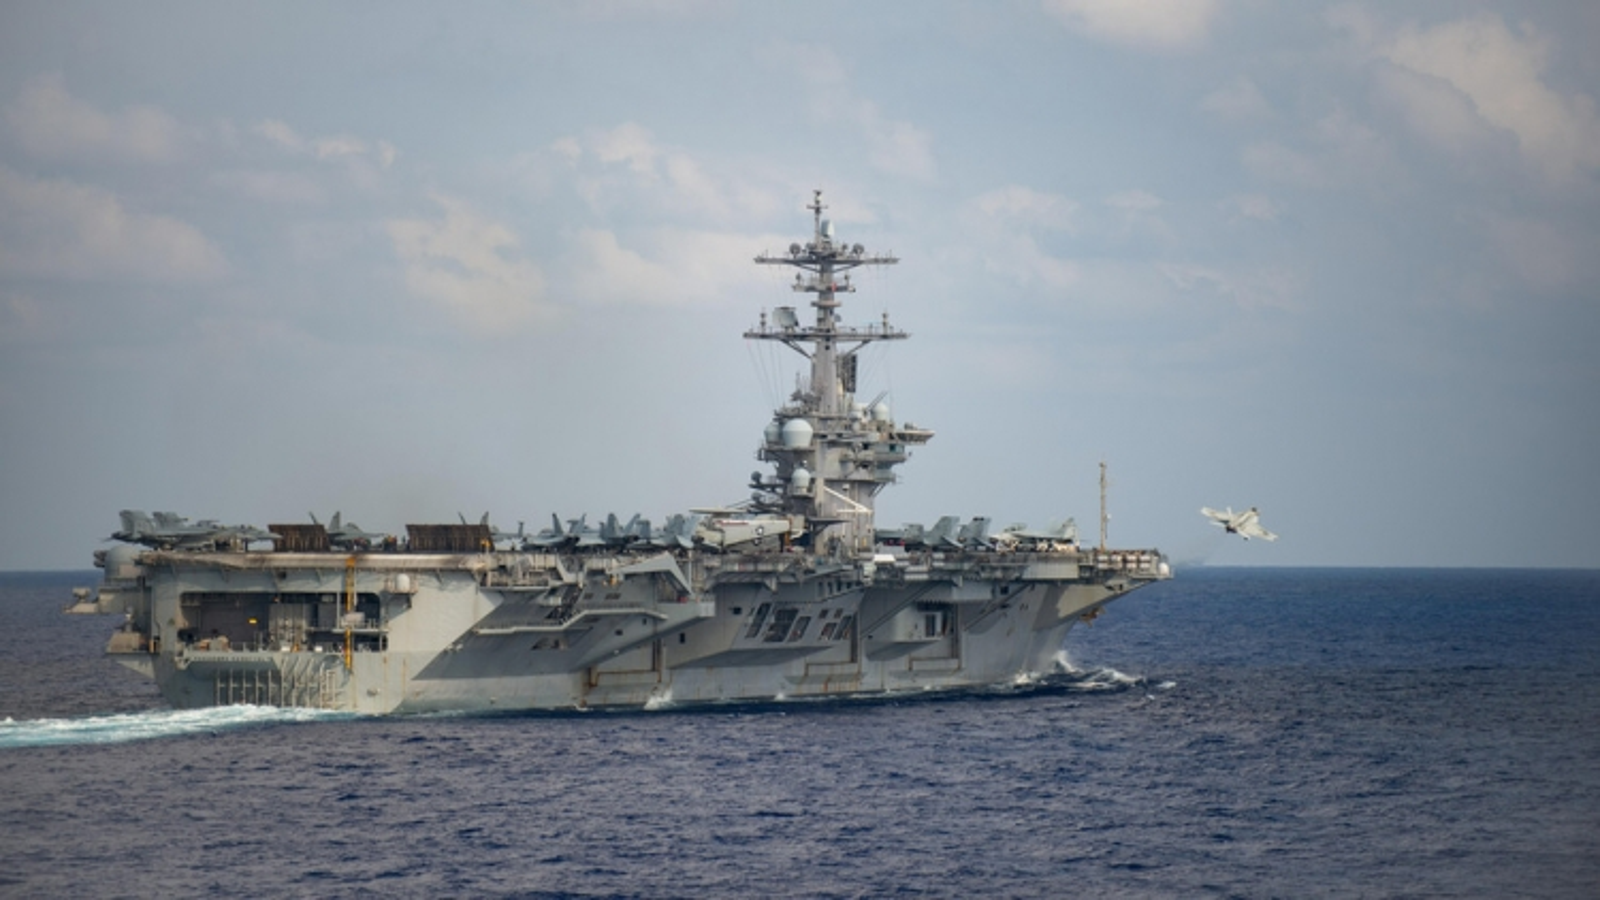 Mỹ lo ngại nguy cơ bùng phát dịch Covid-19 trên các tàu sân bay